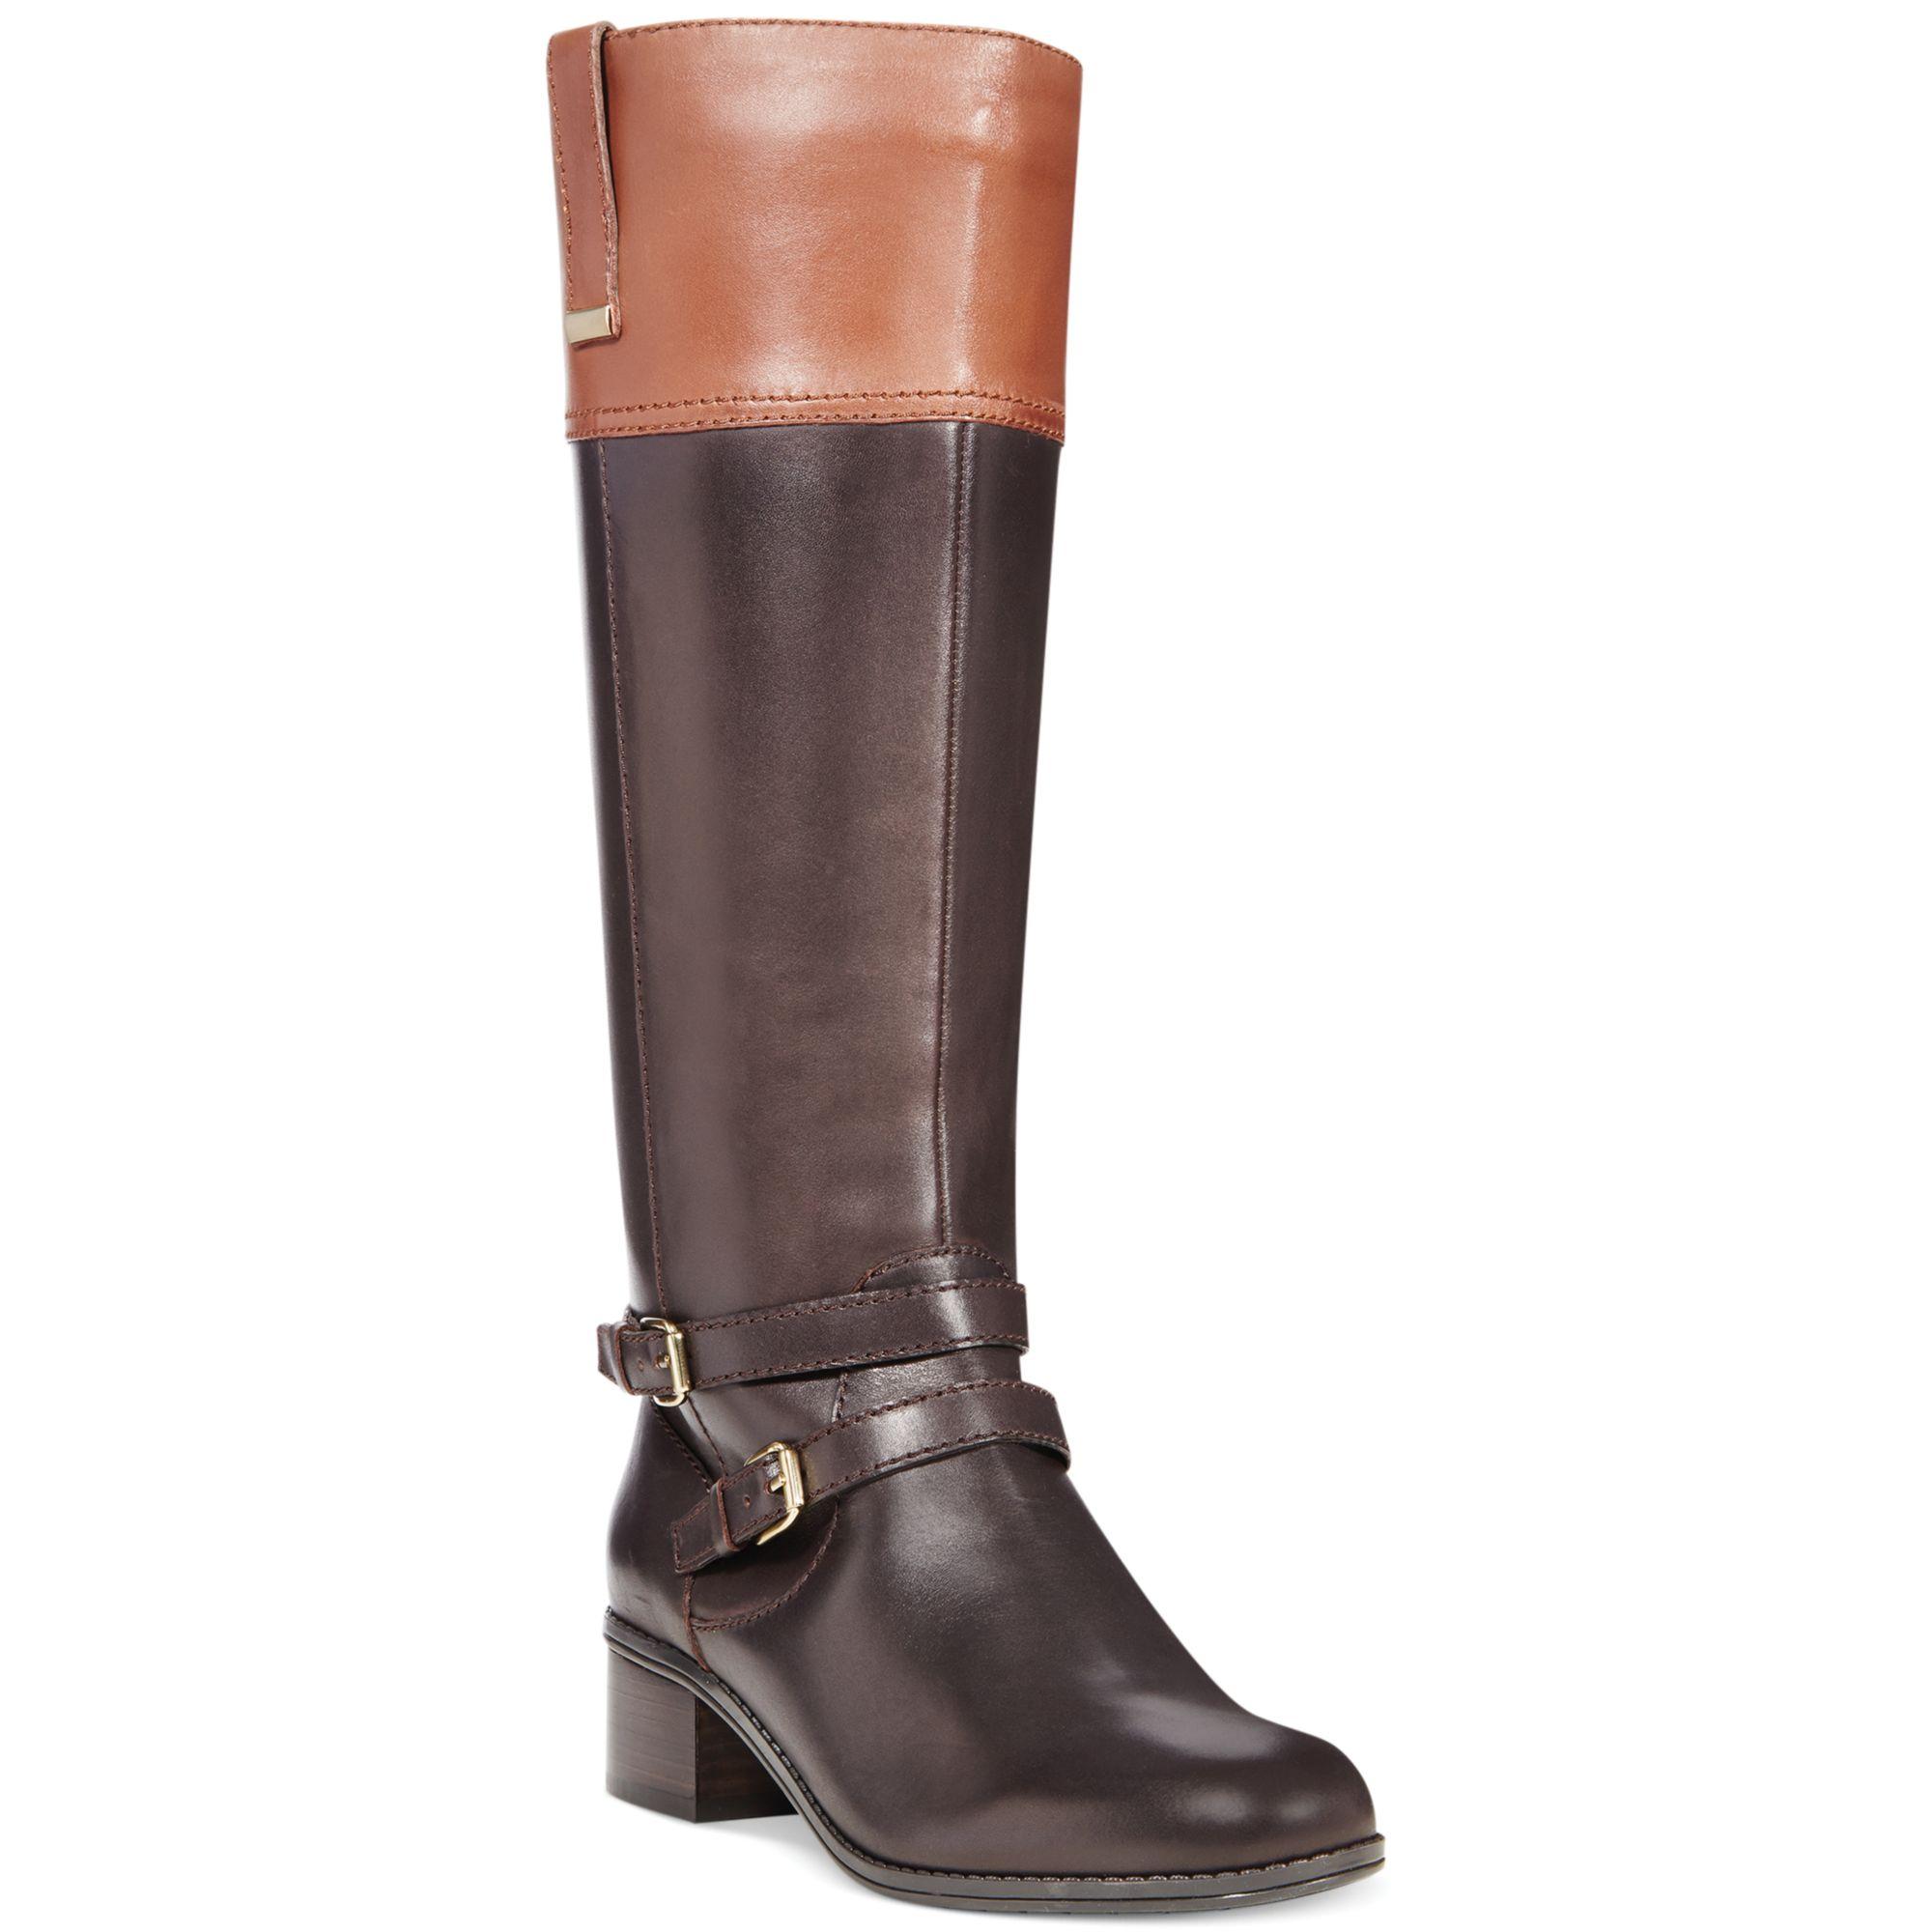 bandolino carlotta boots a macy s exclusive